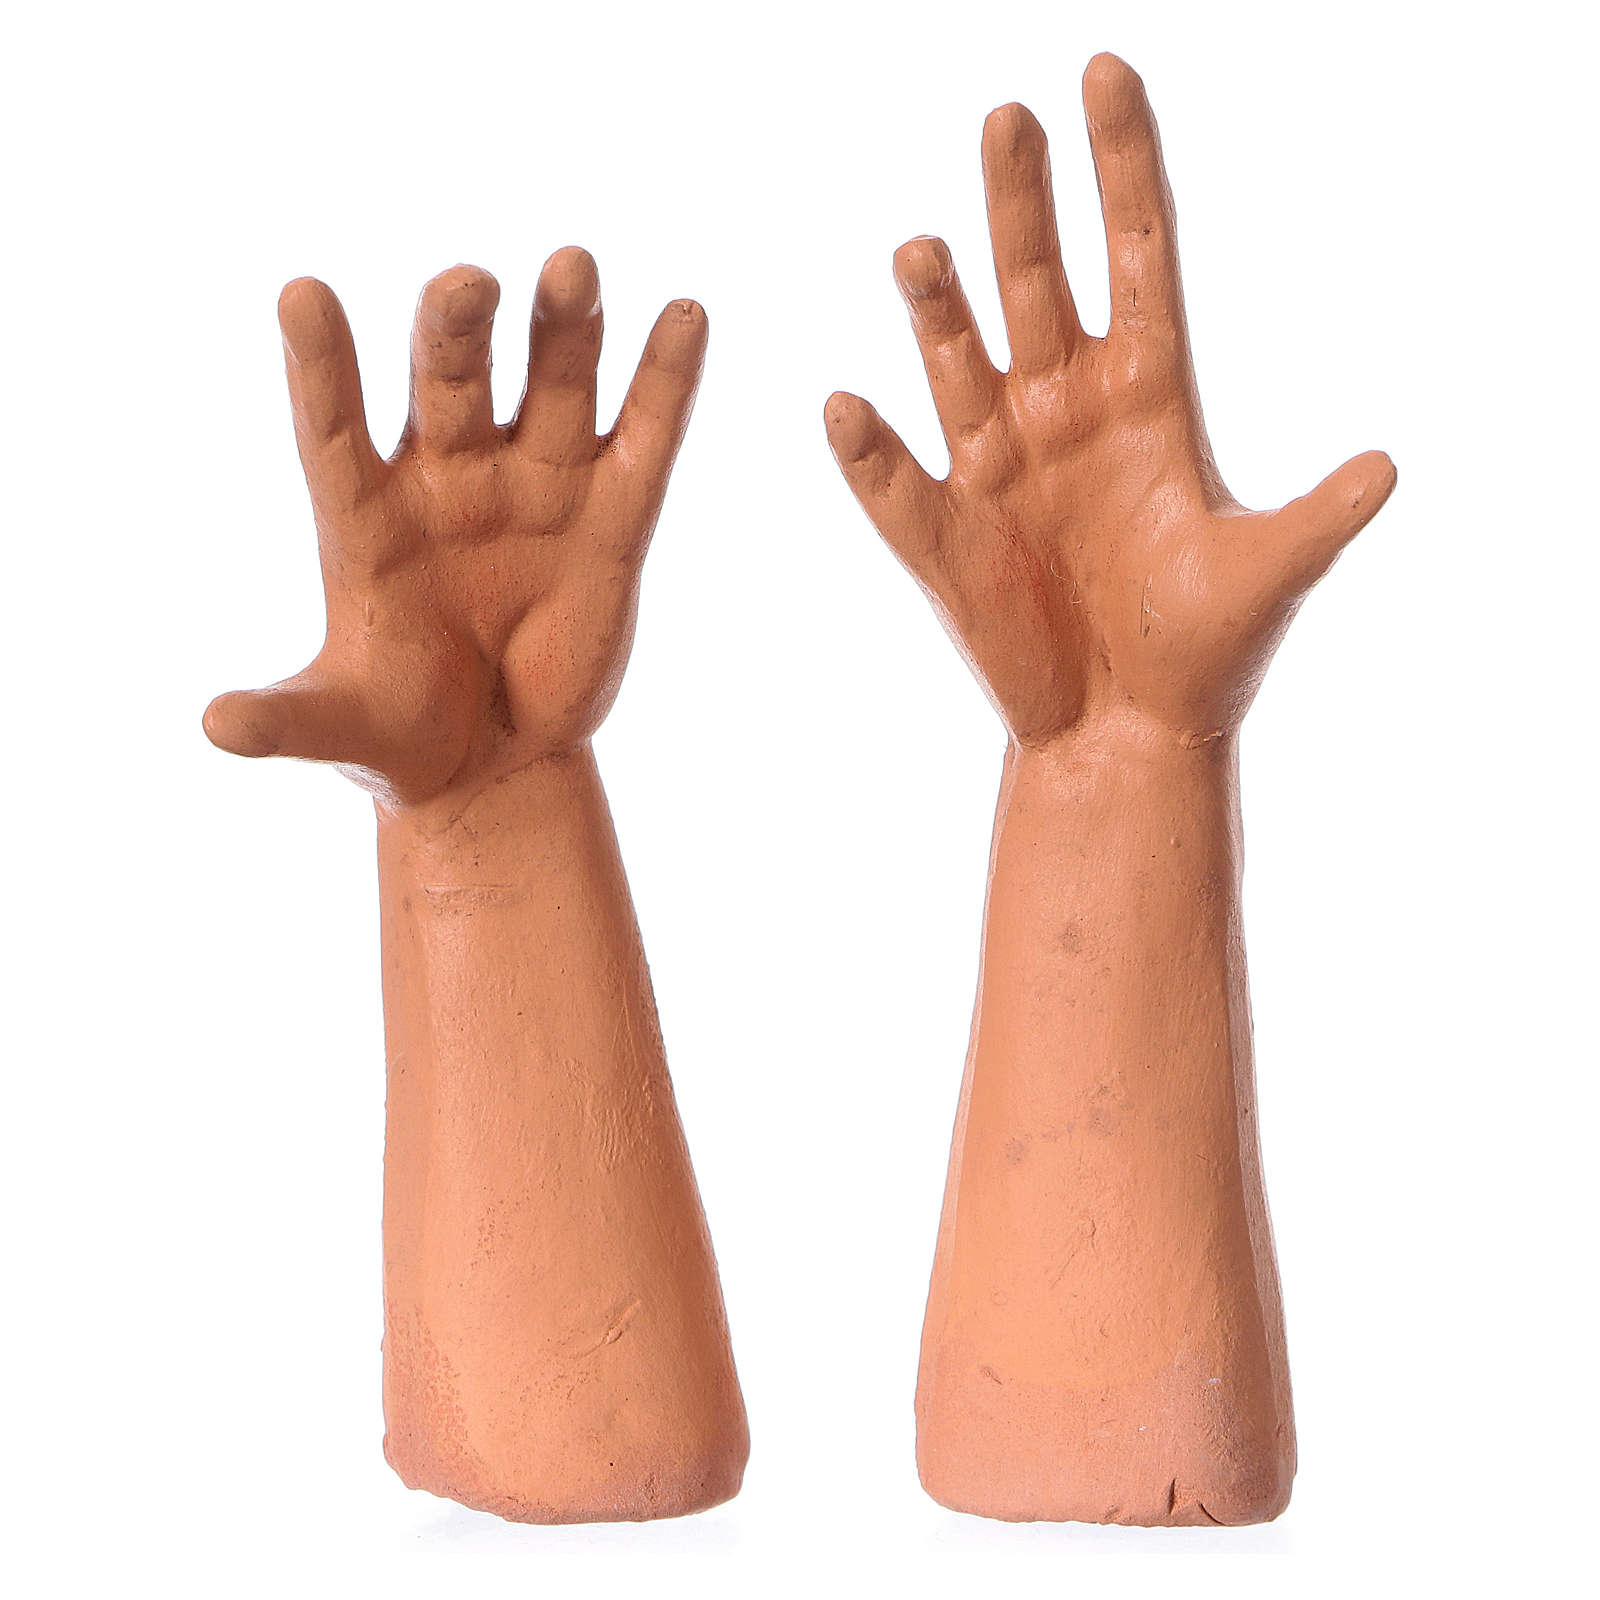 Testa mani piedi 35 cm Uomo con berretto 4